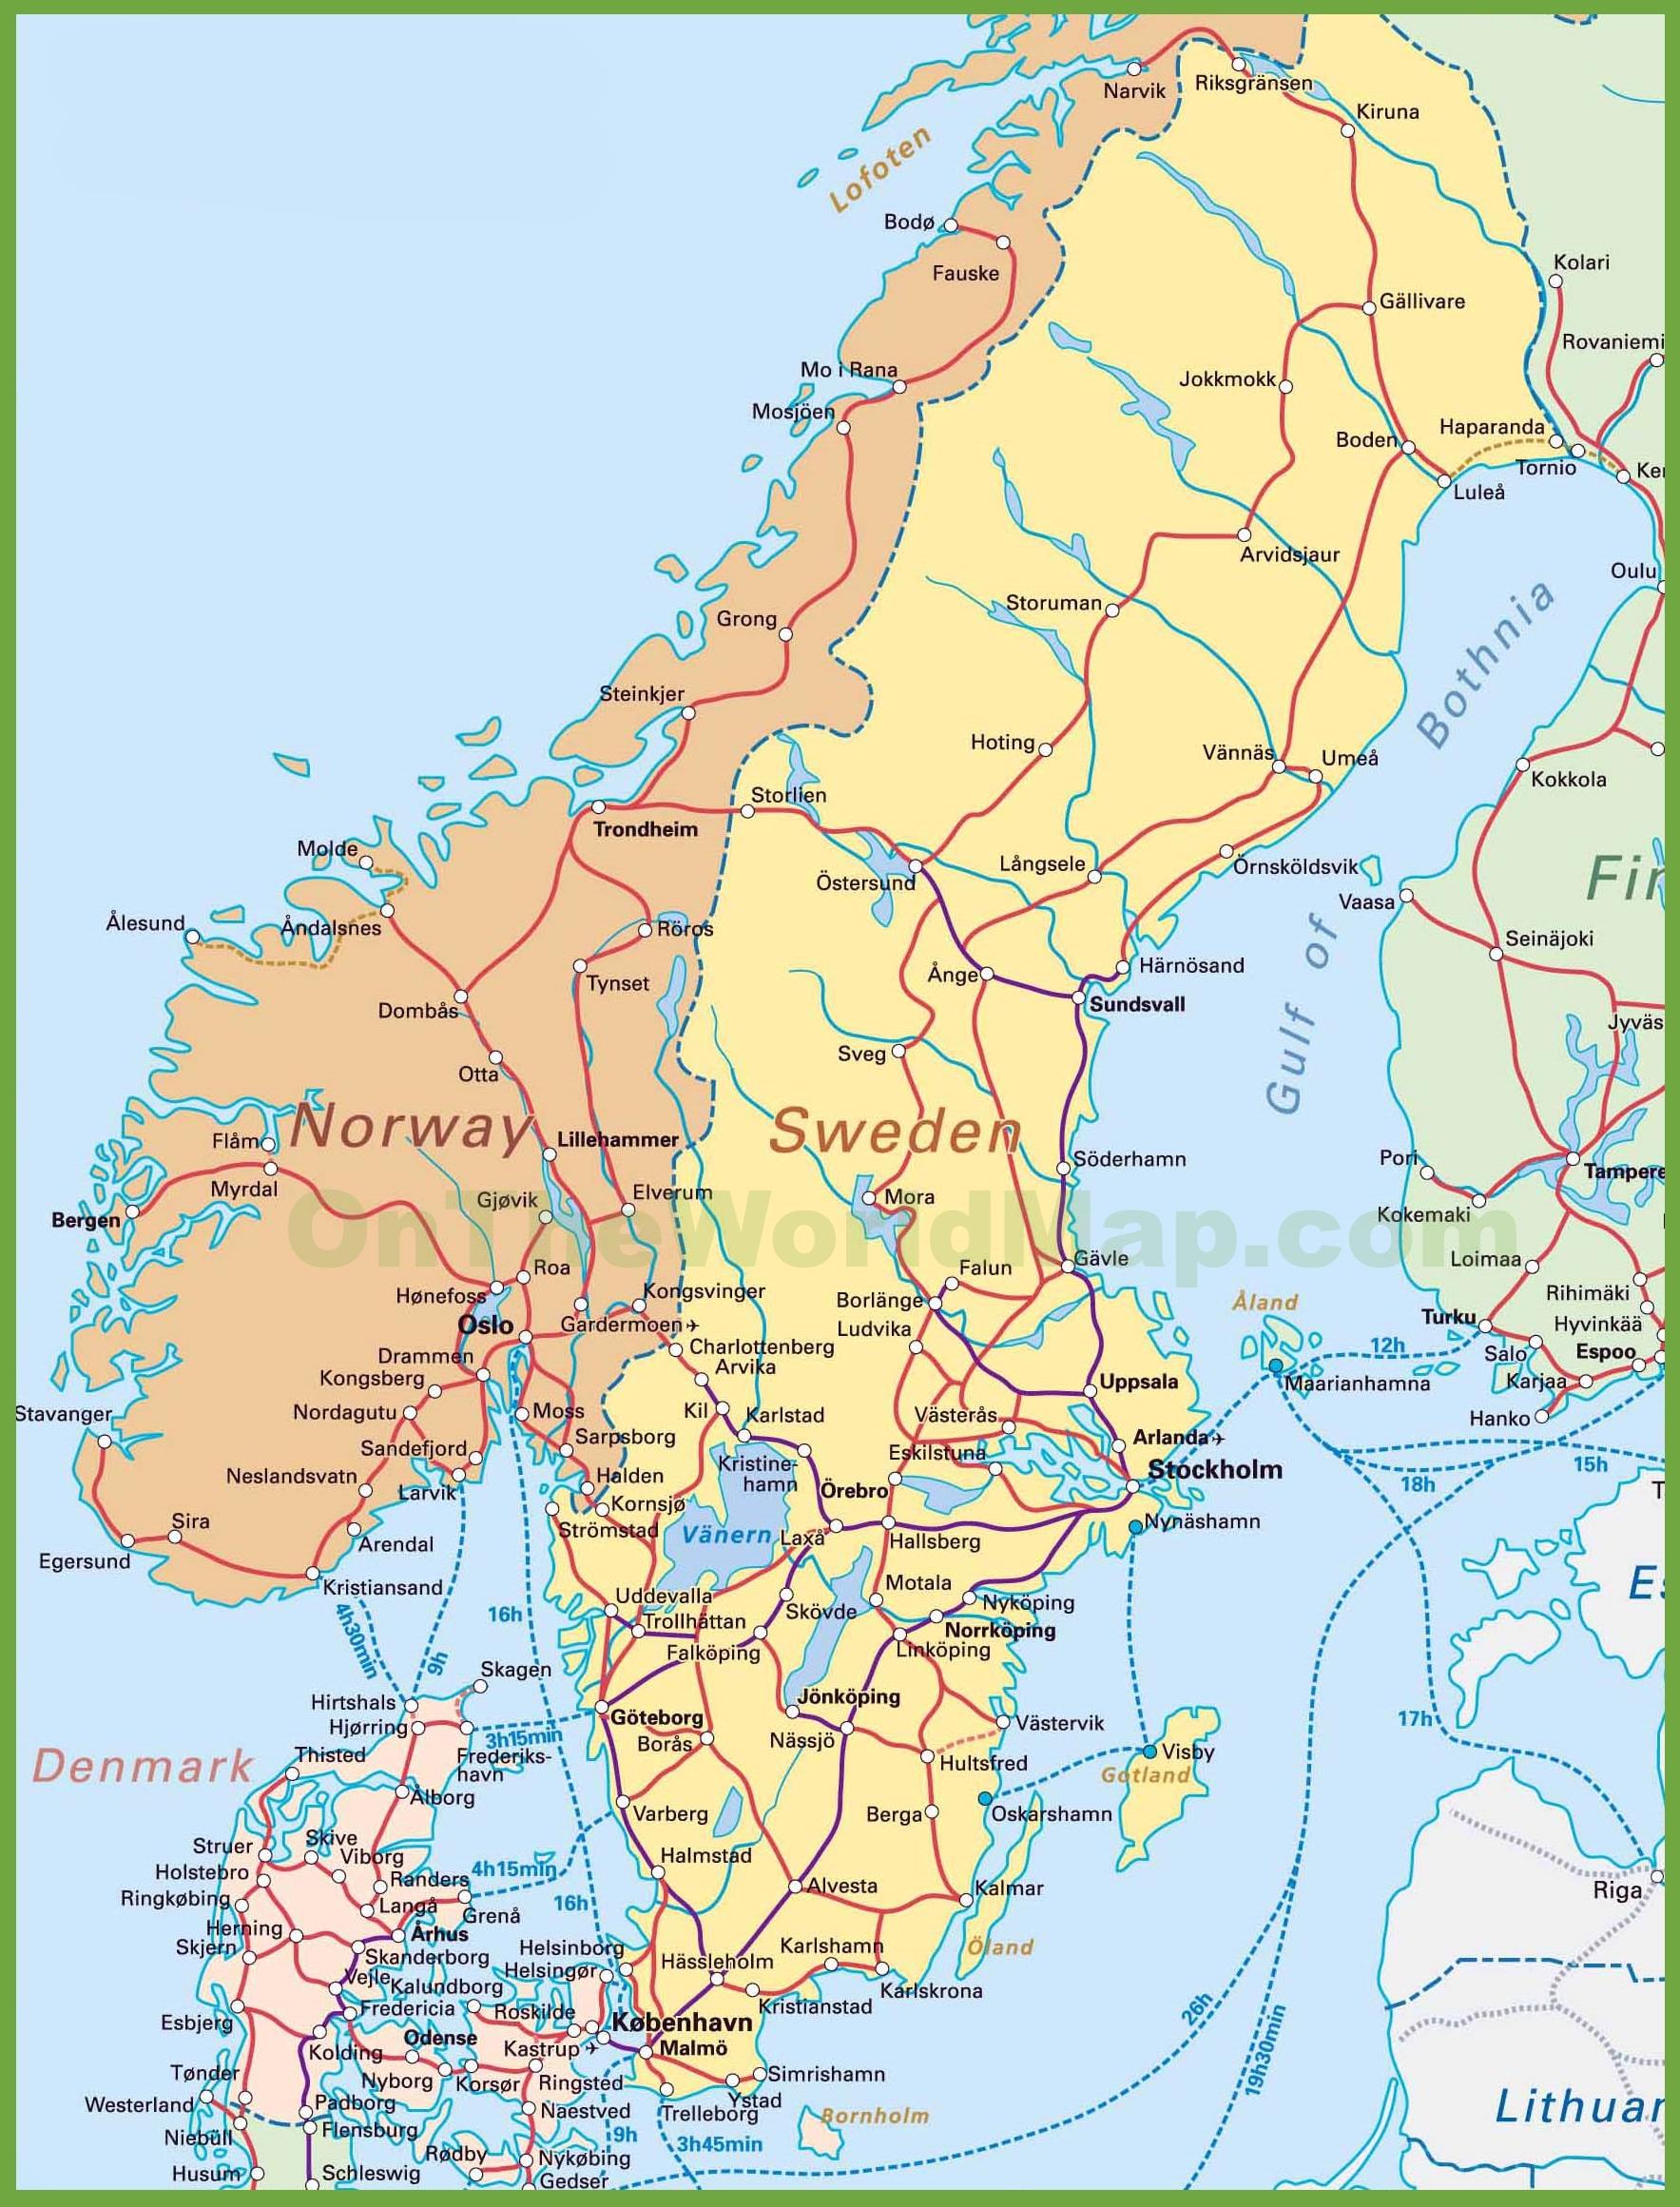 Švedska kmeči : Naši Gripeni su bolji - Page 2 Map-of-sweden-norway-and-denmark